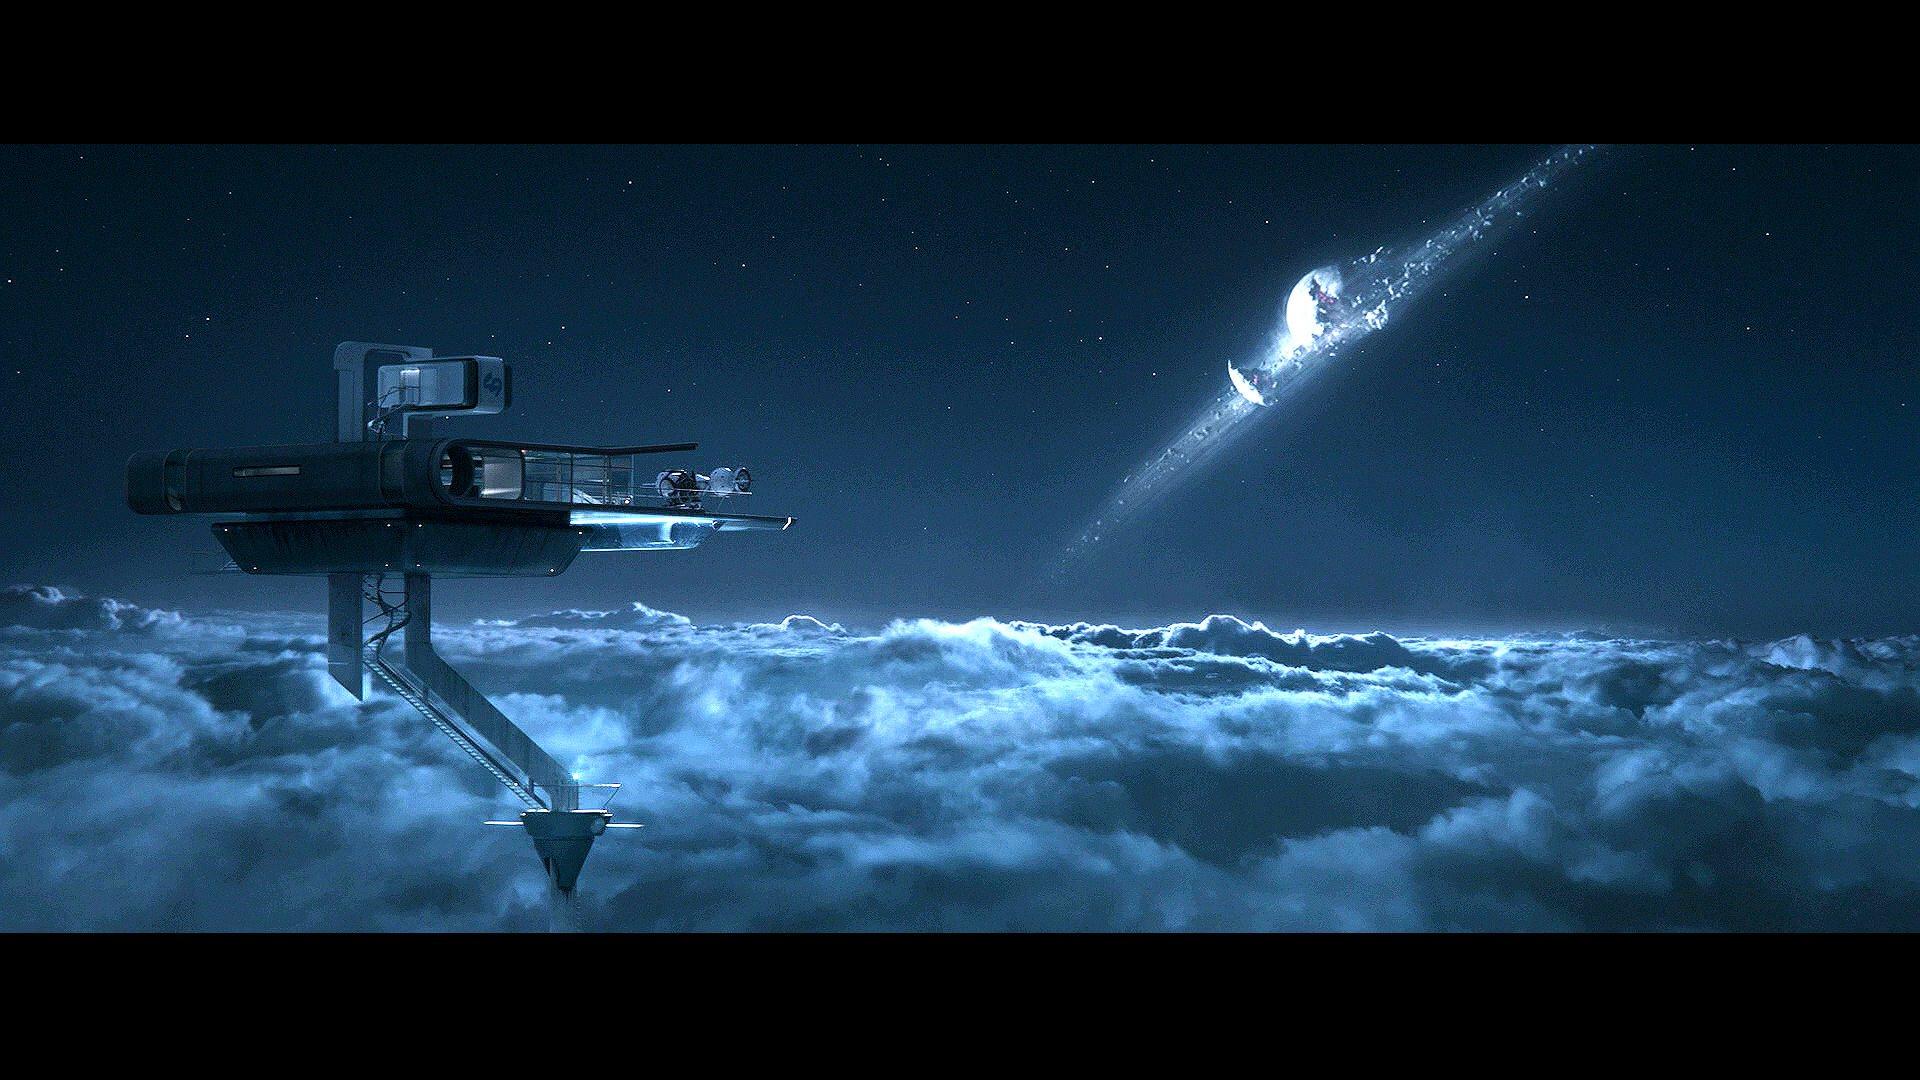 OBLIVION sci fi futuristic cruise science technics action 1920x1080